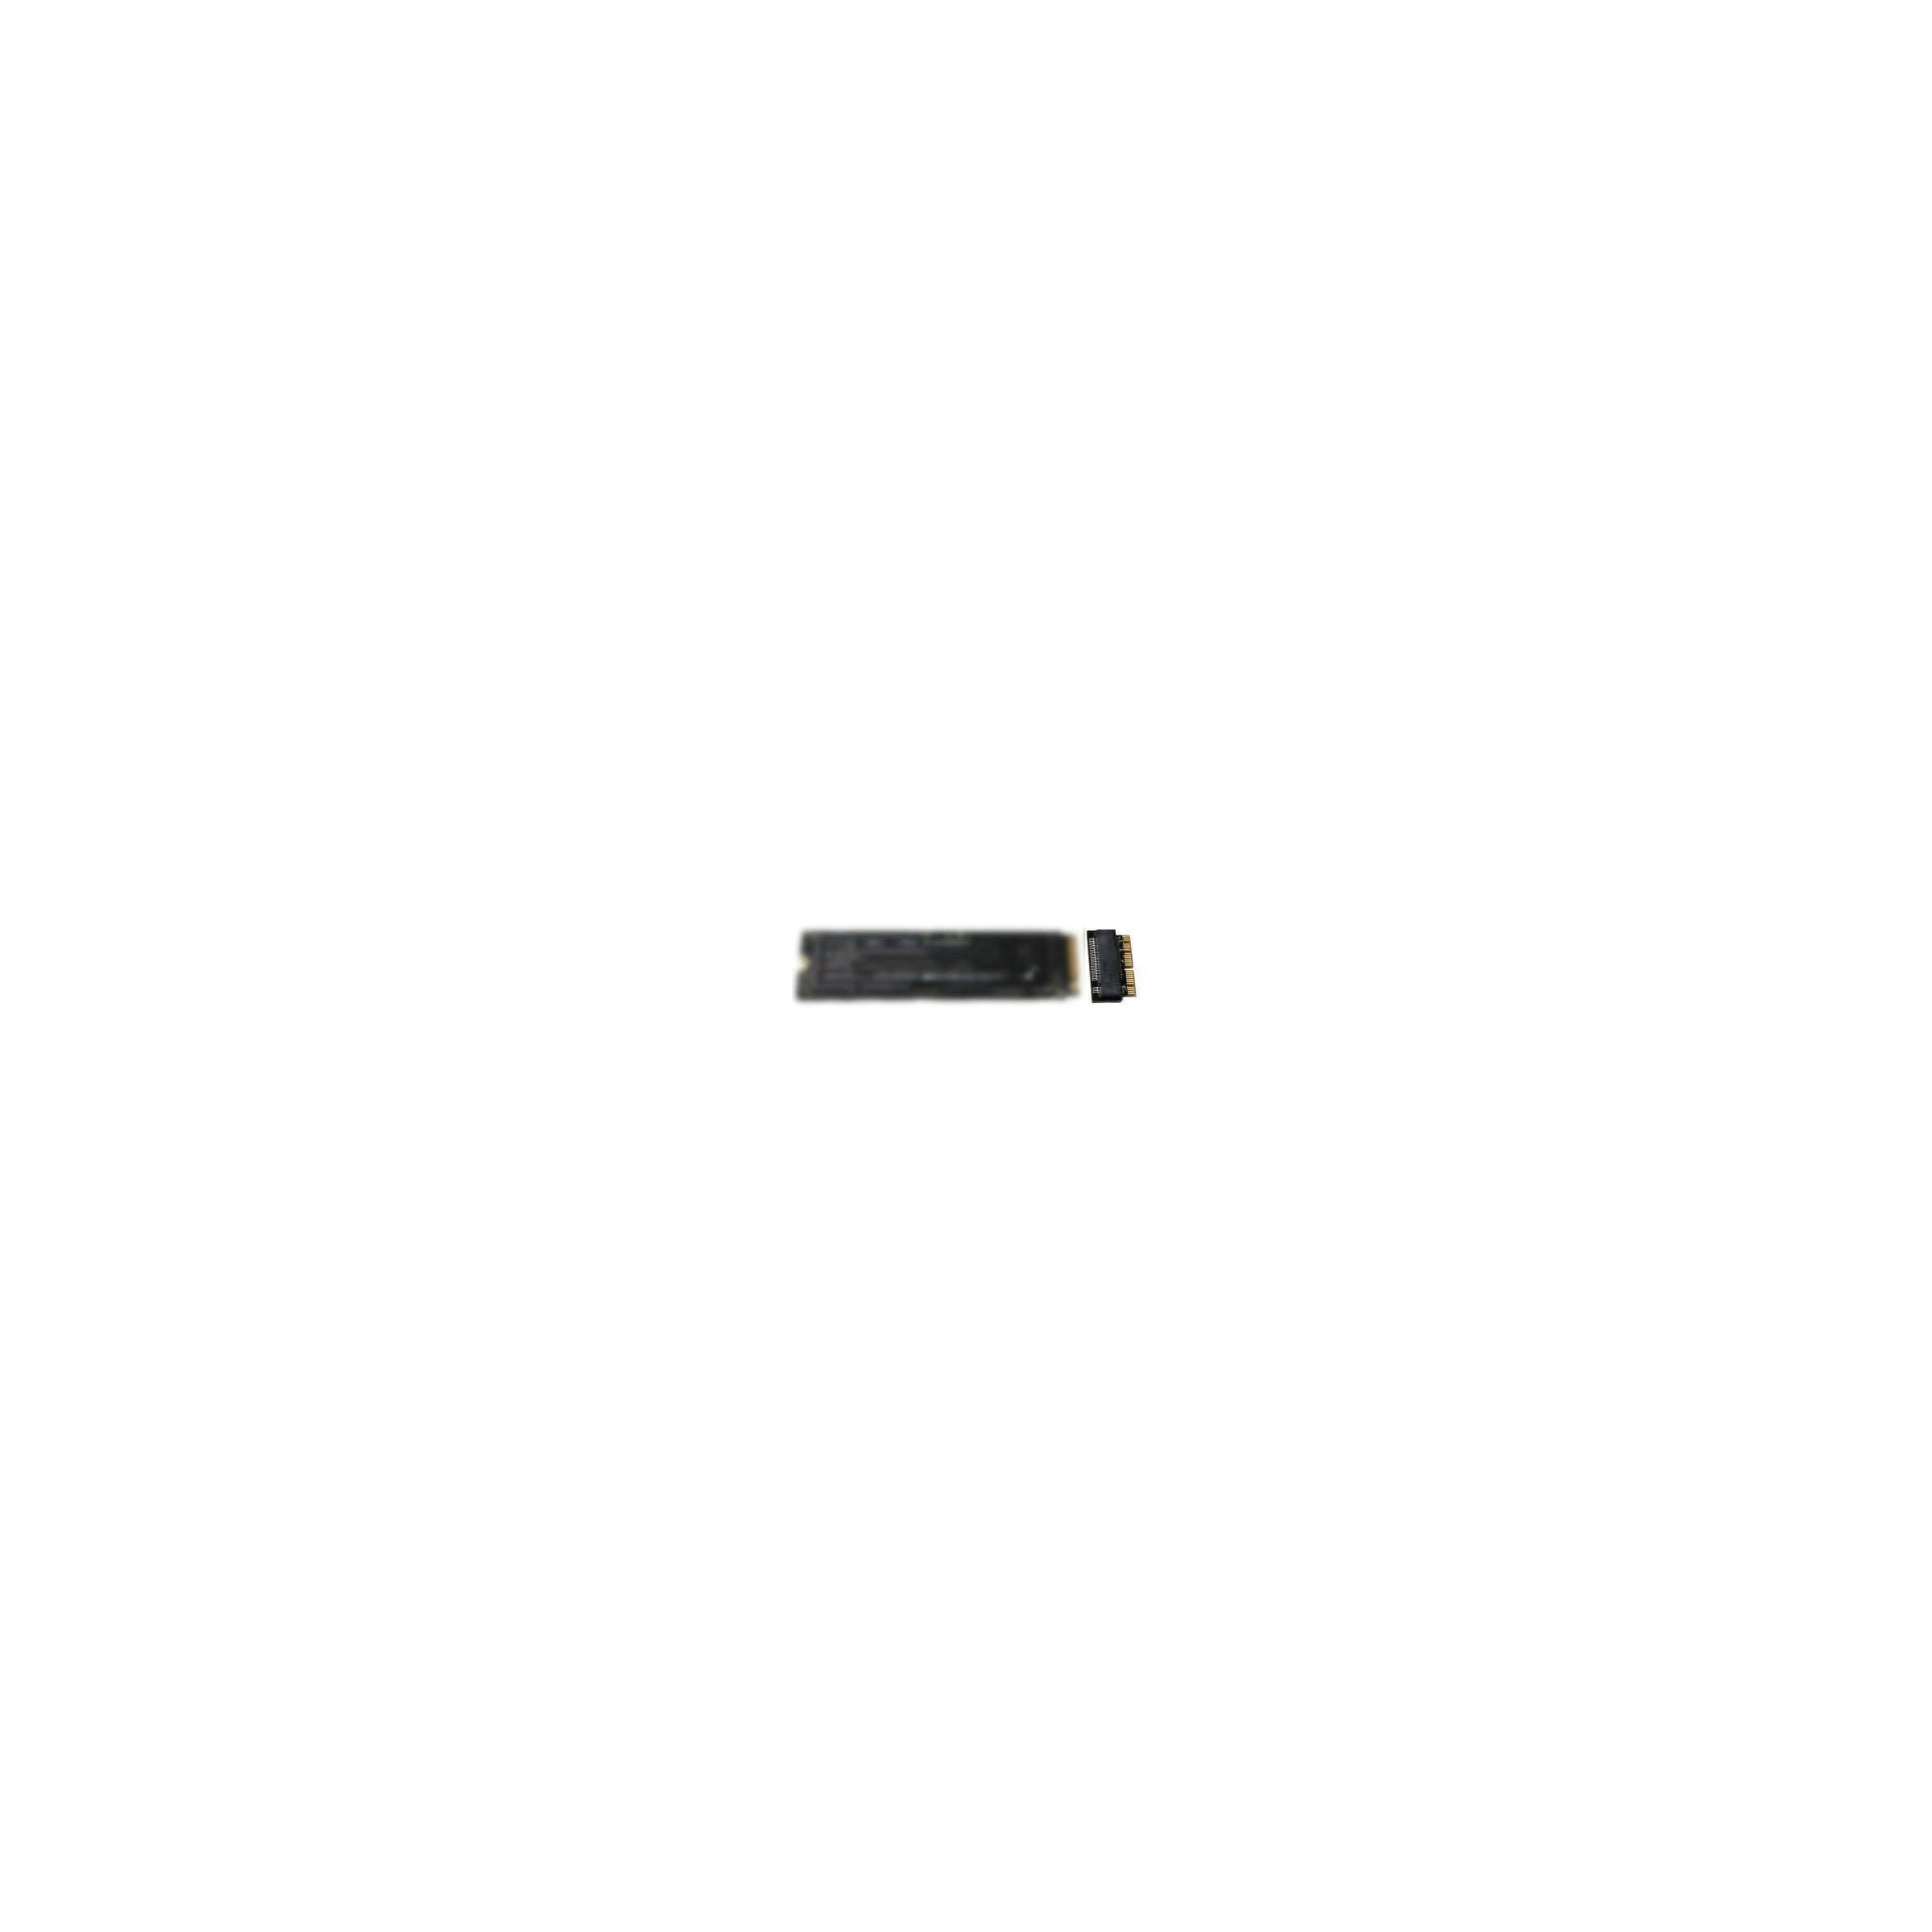 sintech Ngff m.2 pcie ssd kort m.2 adapter til macs 2013-2015 sintech på mackabler.dk